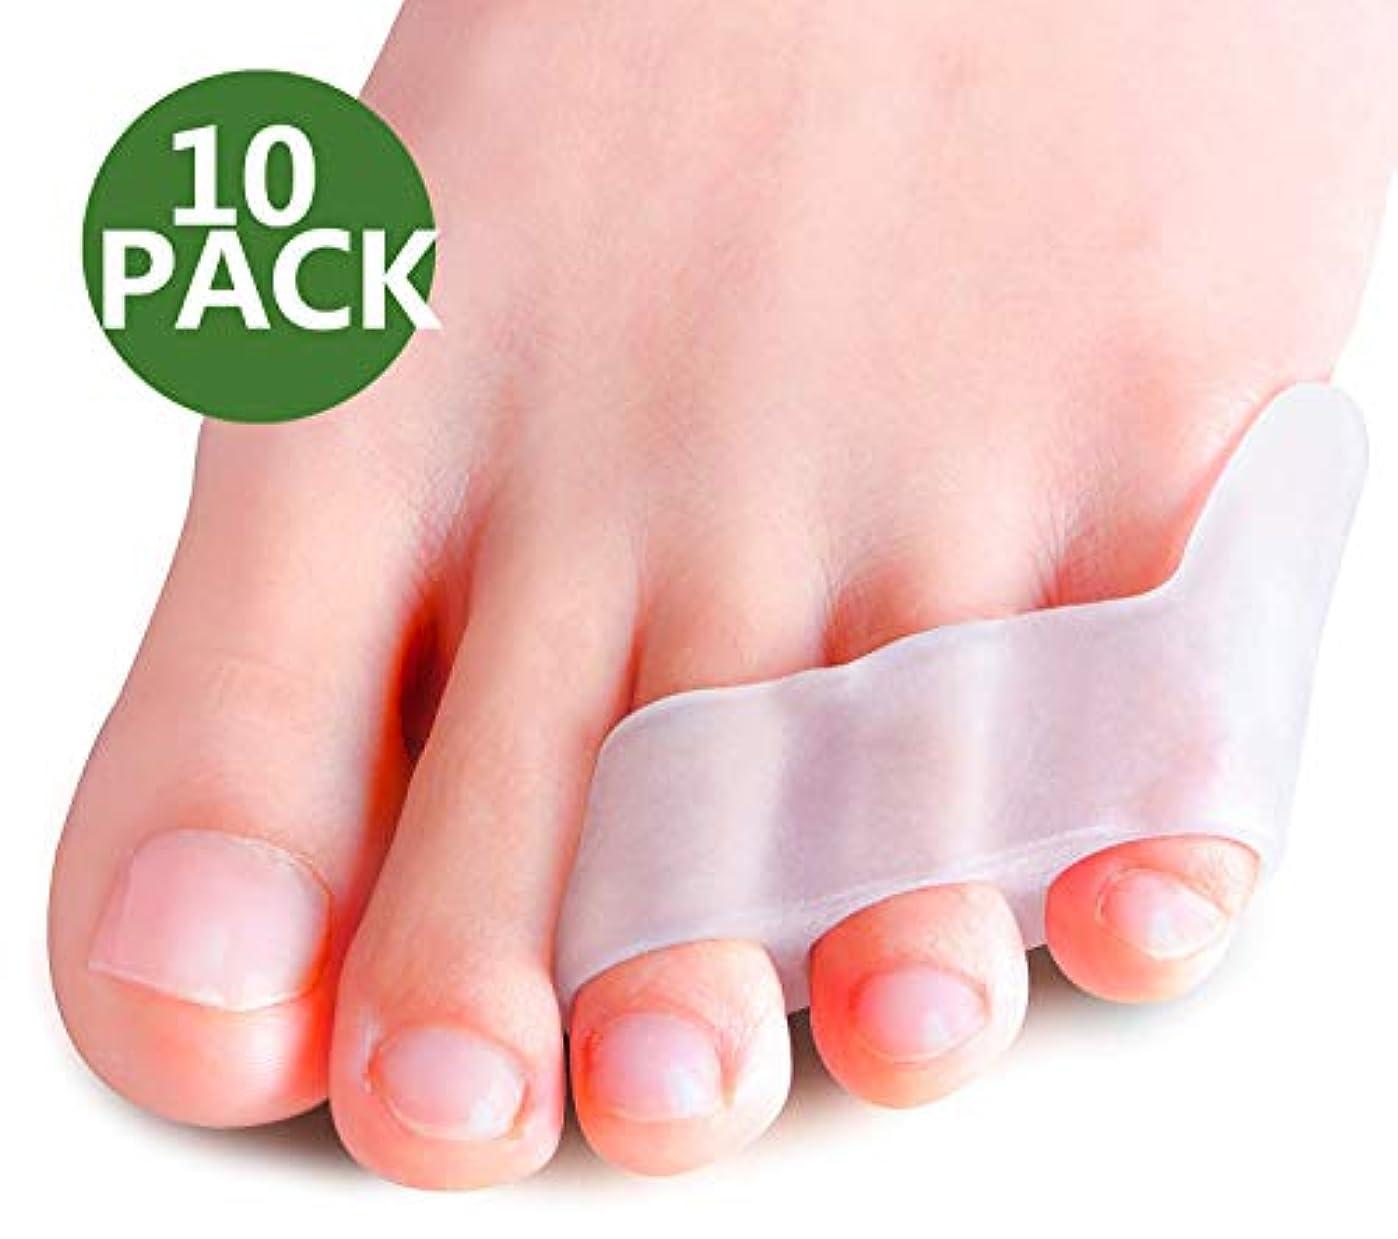 リビジョン鮮やかな上院Povihome 10X 足の小指 サポーター,足の小指保護